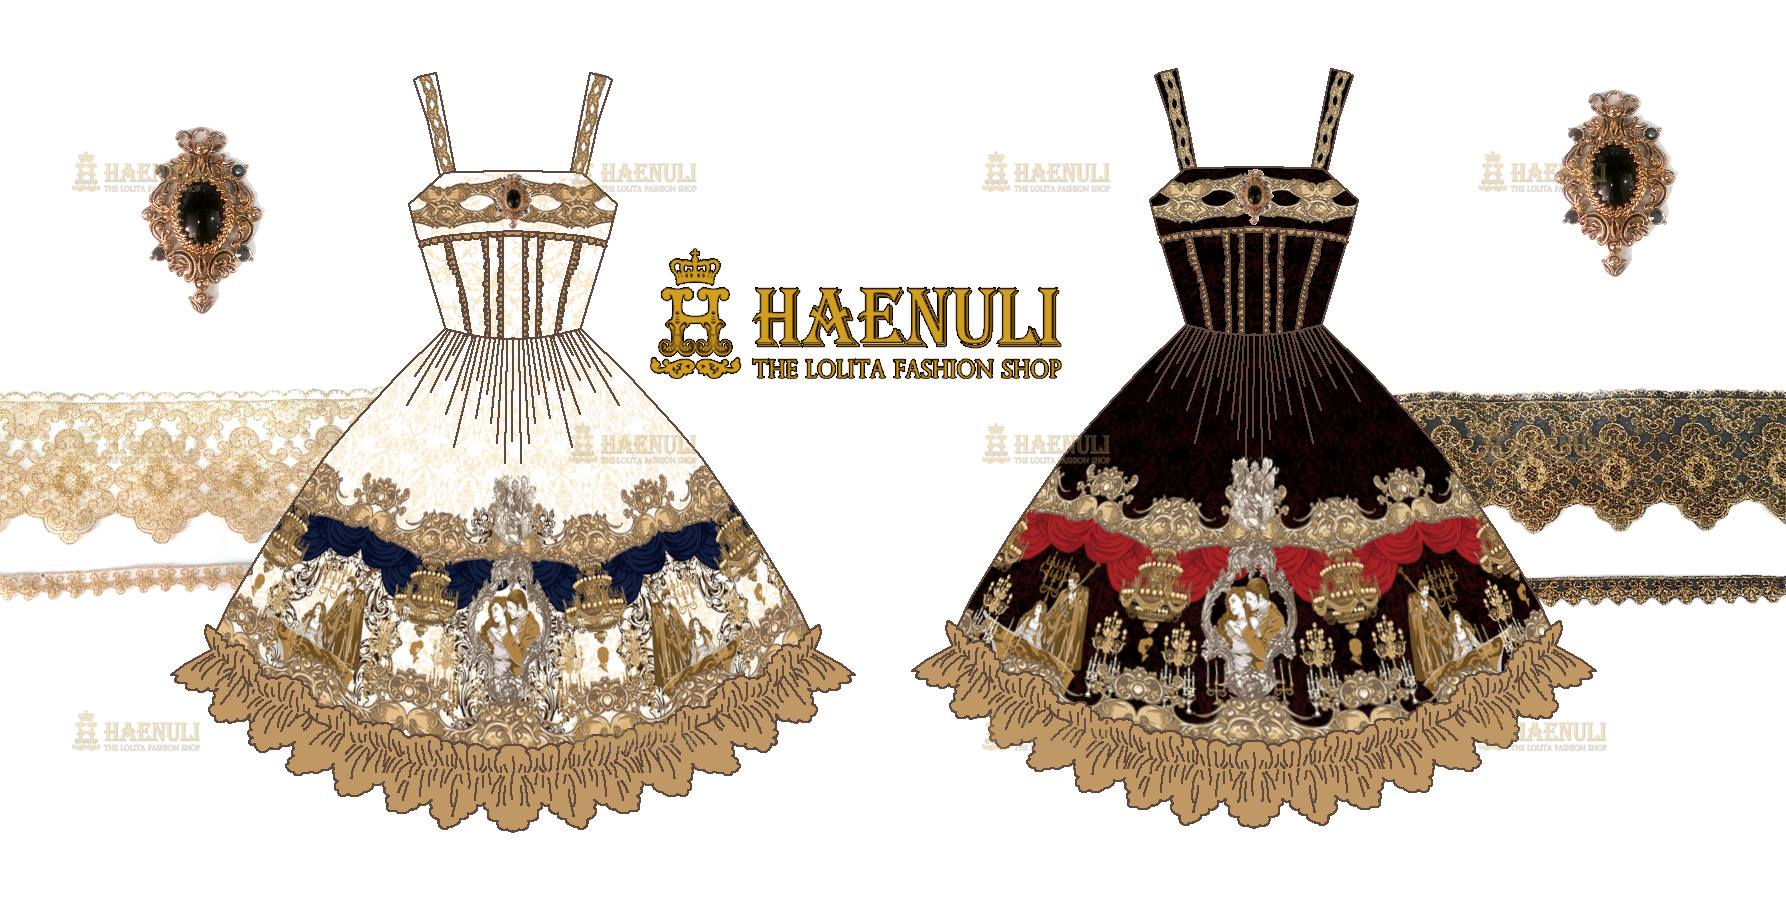 Haenuli